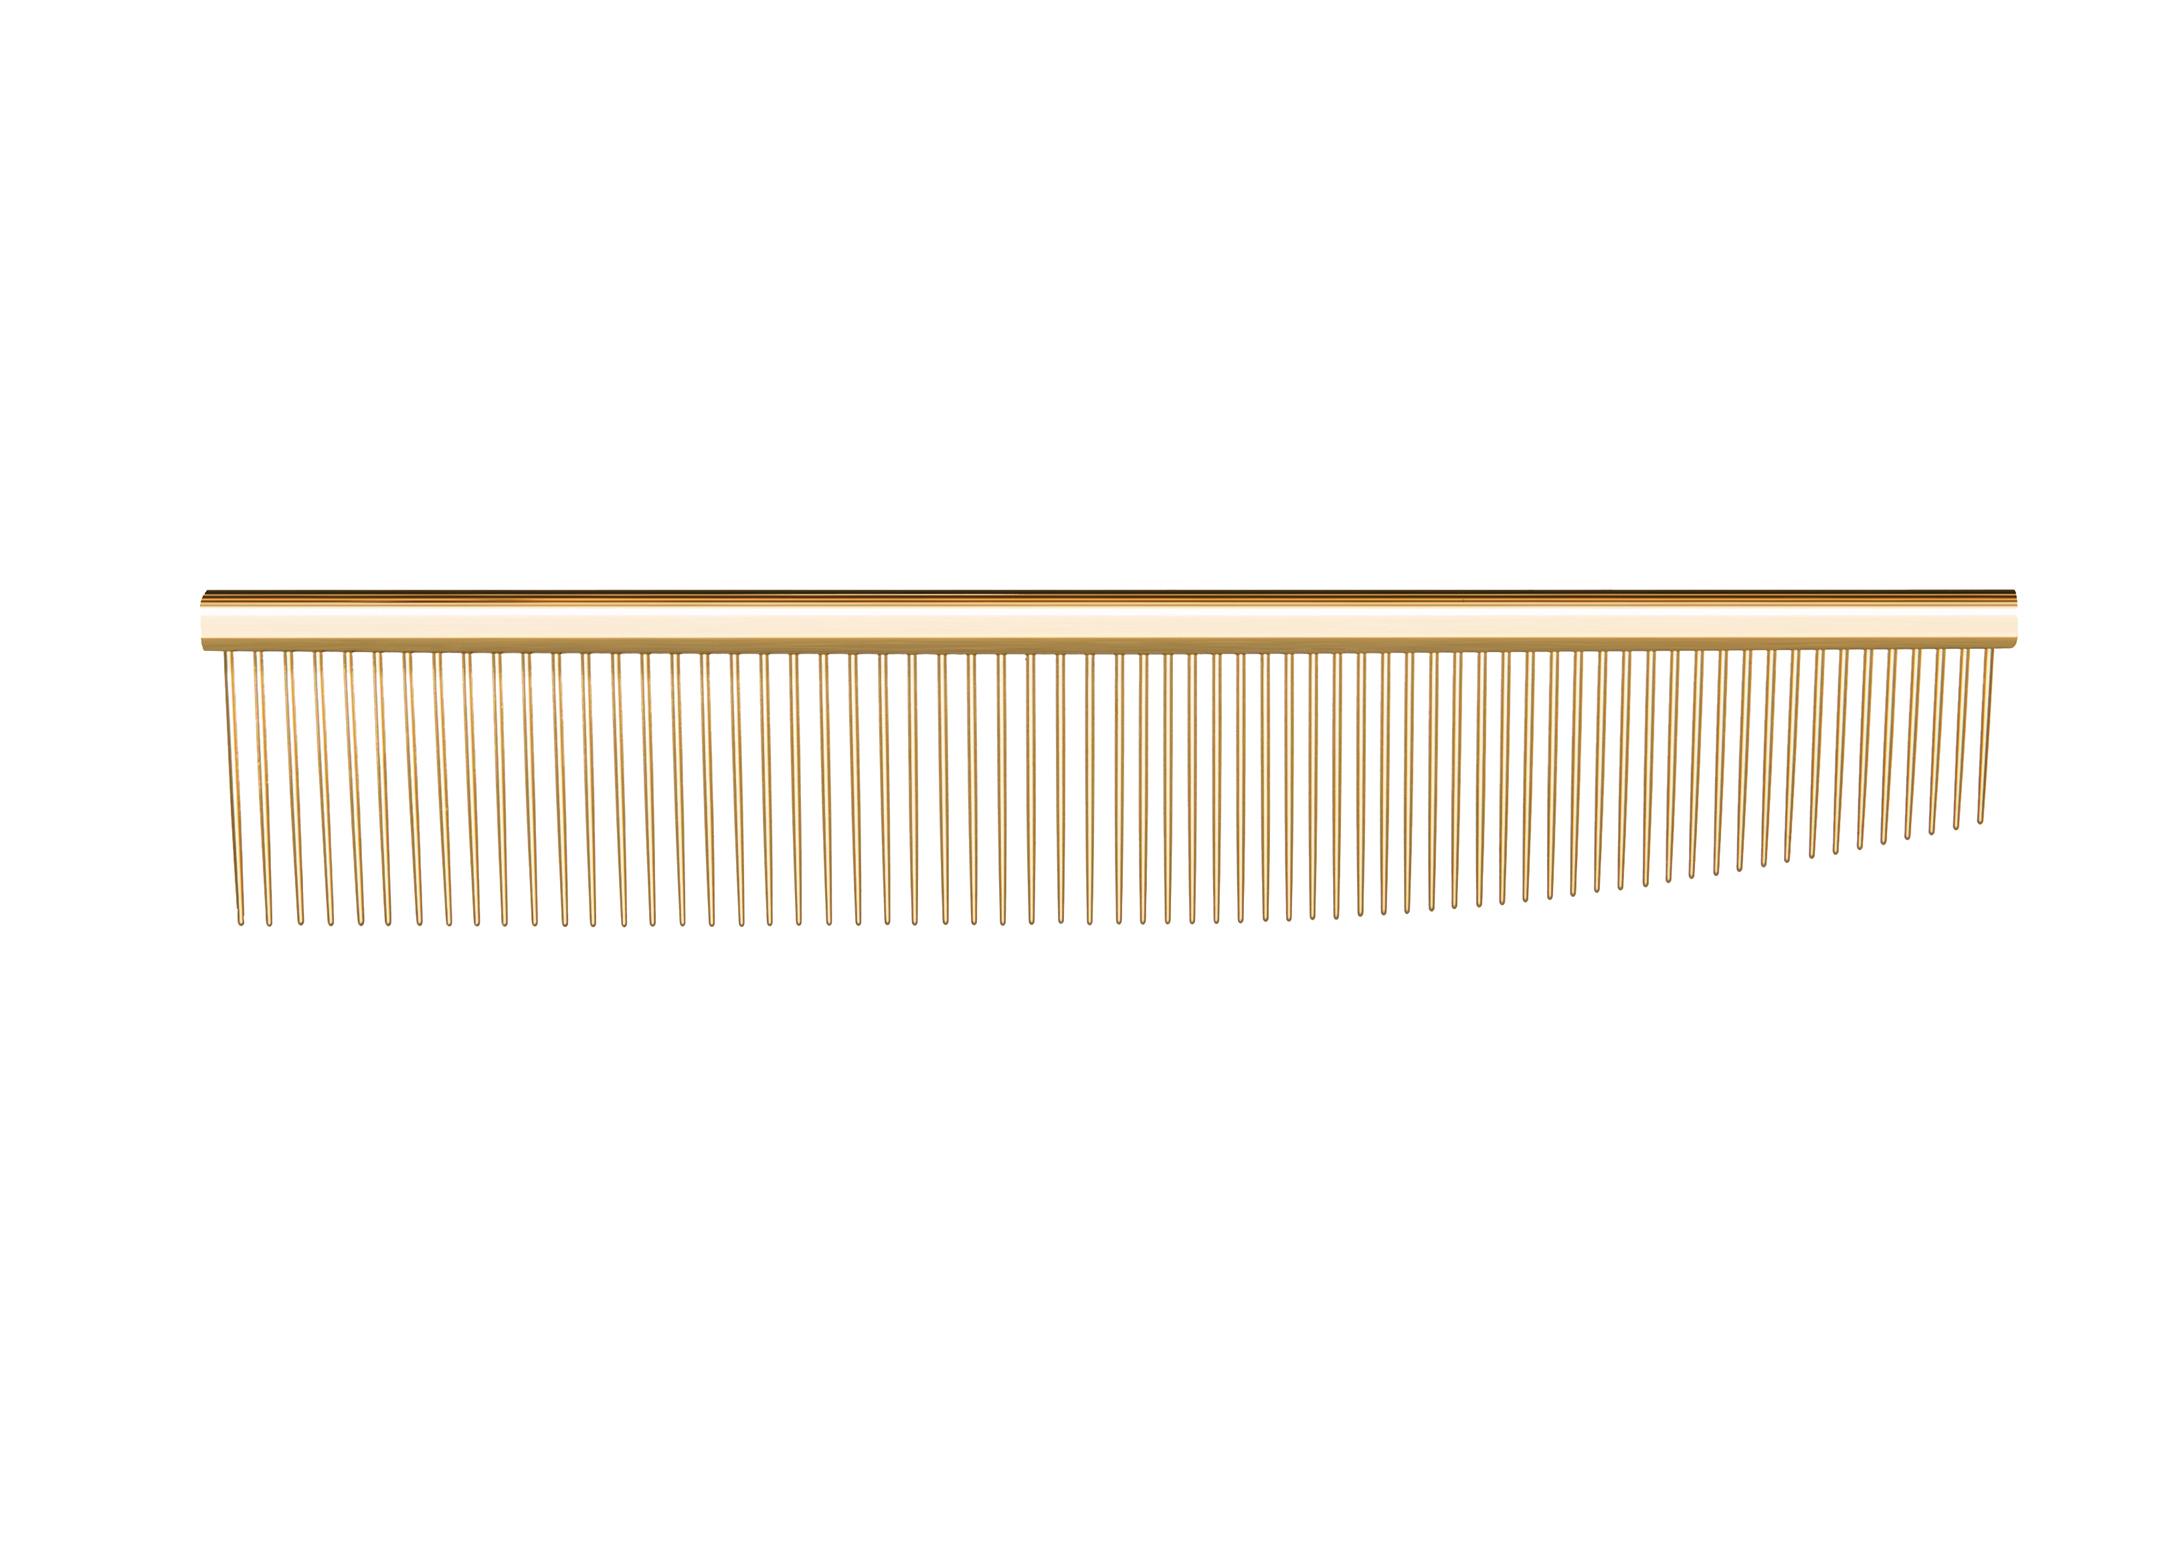 Utsumi U&U Combination Comb Gold Comb 16,5cm Comb